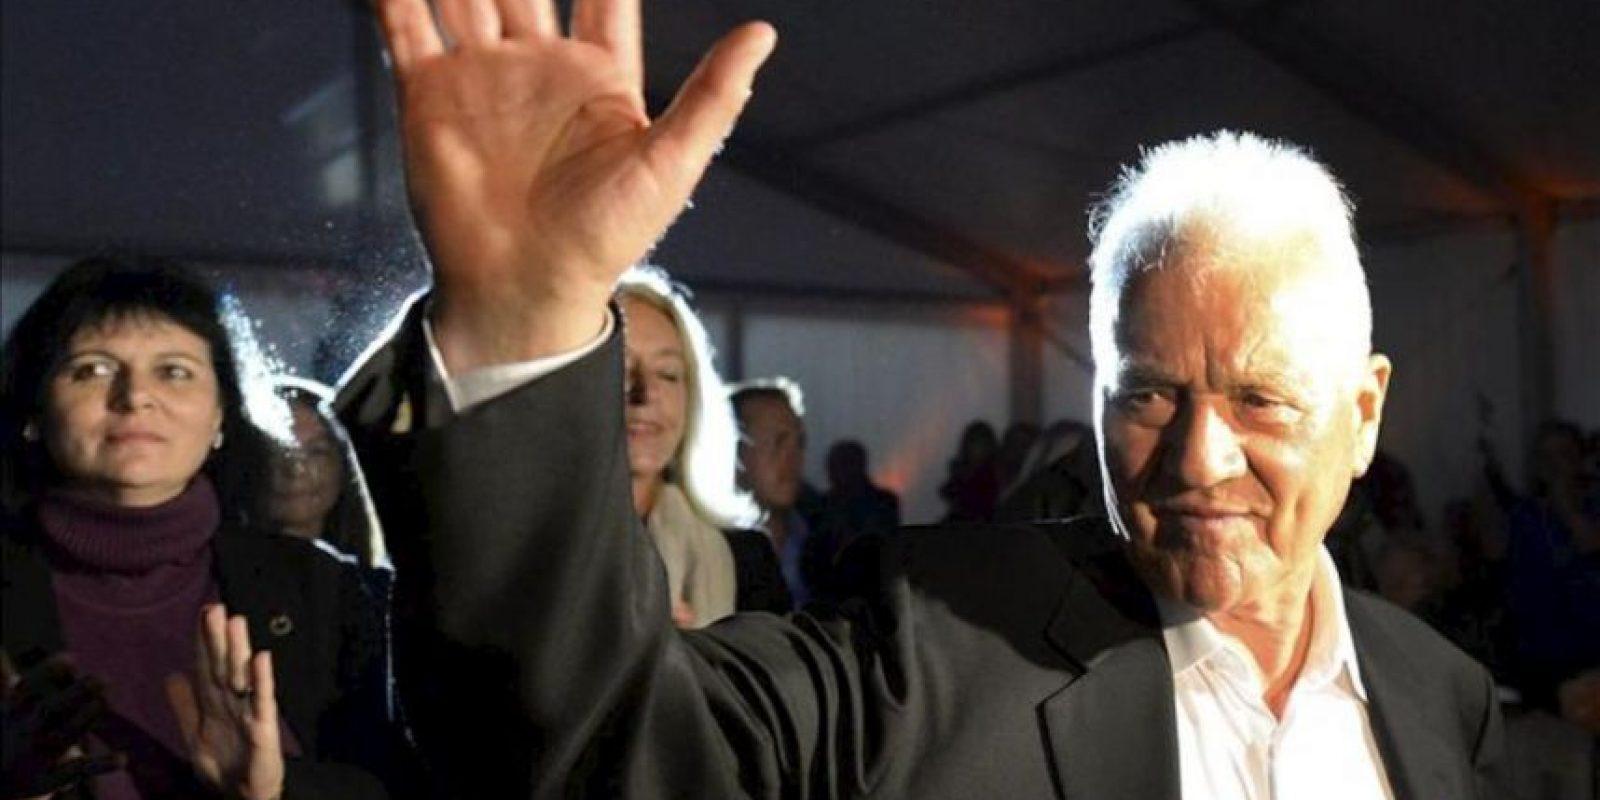 El millonario austro-canadiense Frank Stronach, líder del partido Team Stronach, saluda durante un acto de campaña electoral de su partido en Viena (Austria) hoy, viernes 27 de septiembre de 2013. EFE